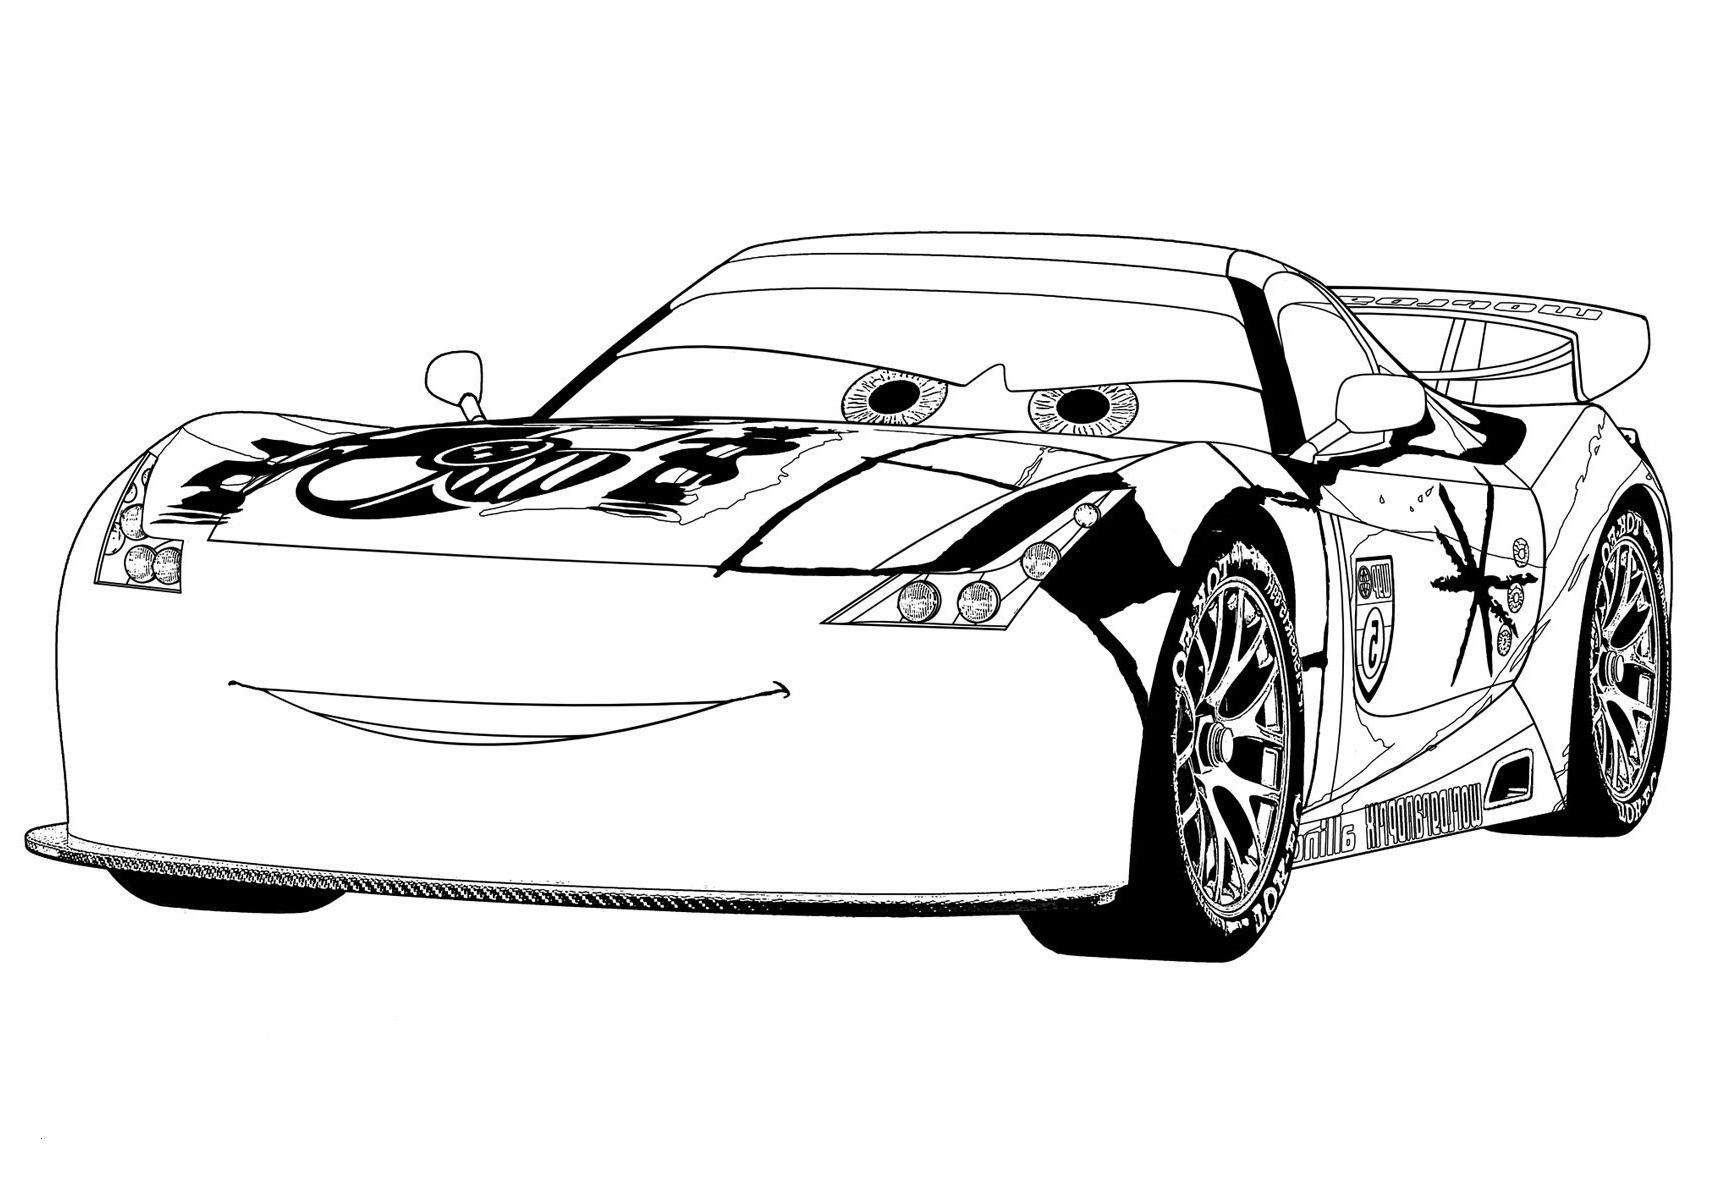 Ausmalbilder Fantasie Tiere Neu Malvorlagen Cars Frisch 15 Malvorlagen Zum Ausmalen Cars Schön Cars Bilder